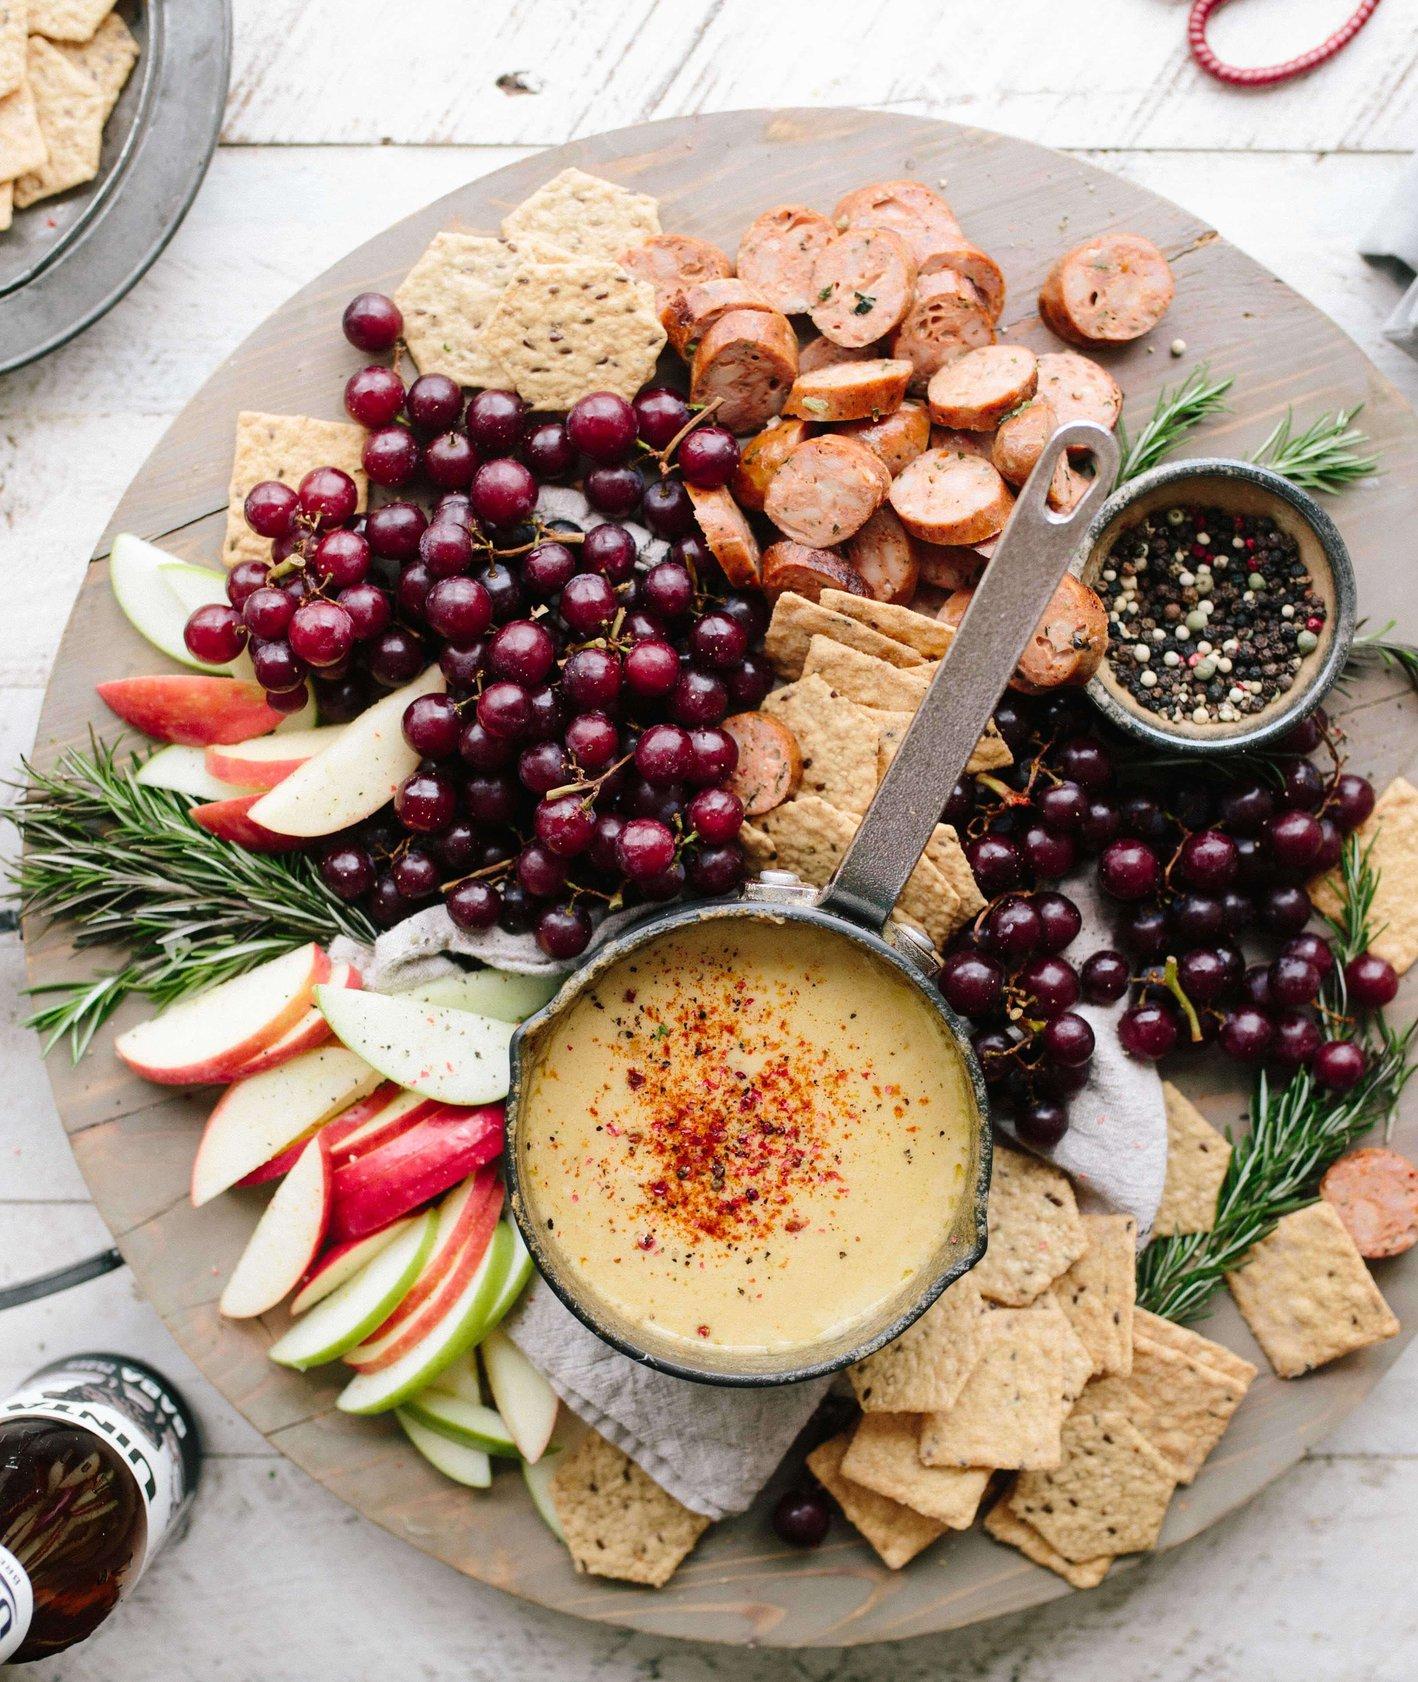 Co przygotować na Sylwestra? – przepisy na słodkie i słone przekąski (fot. Brooke Lark / unsplash.com)